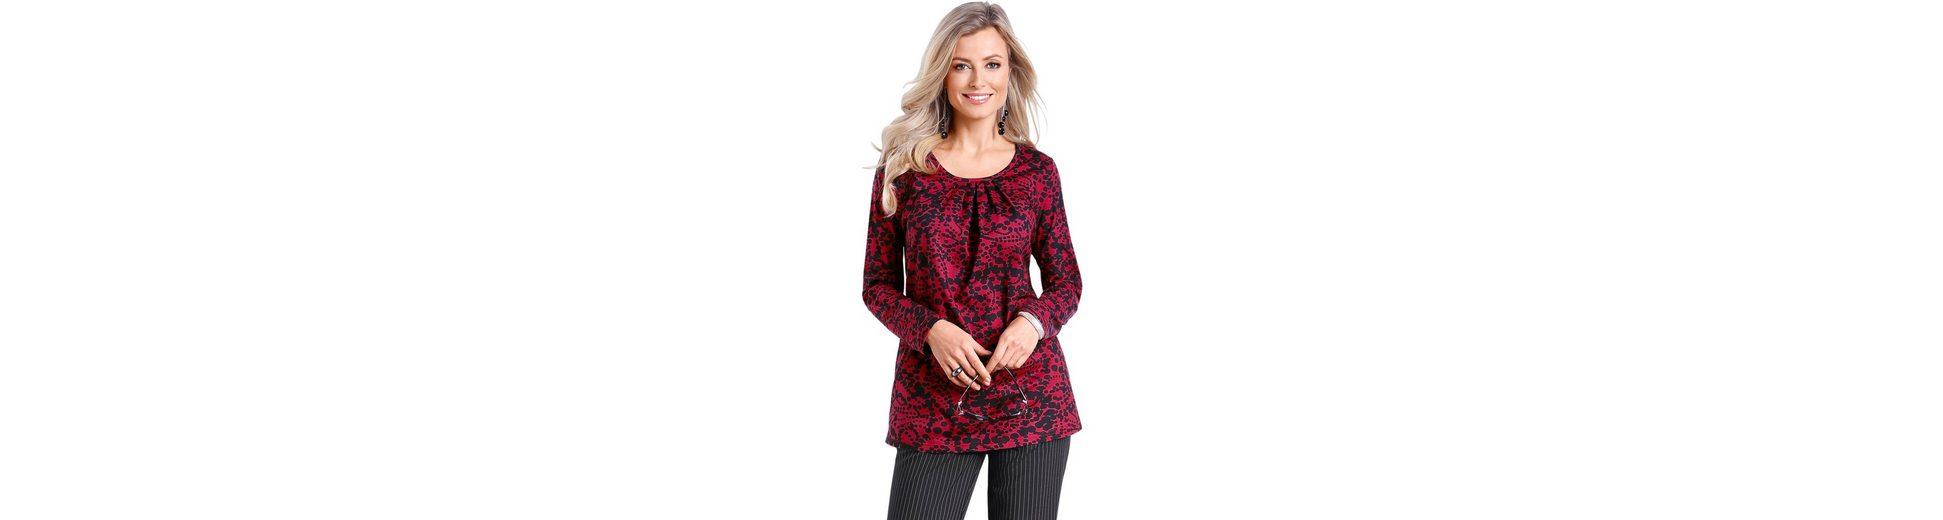 Classic Basics Longshirt in leichter A-Form Viele Arten Von Zum Verkauf Manchester Zum Verkauf wjz6bpo